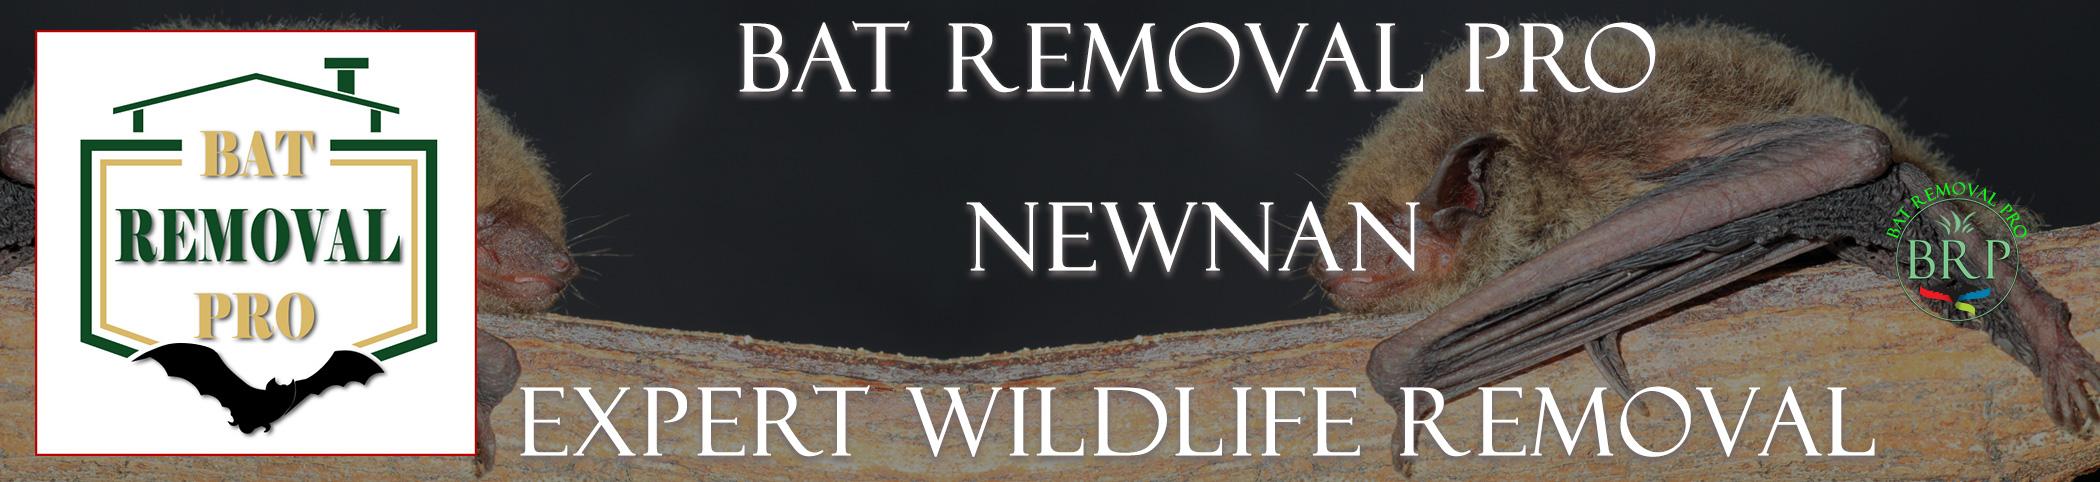 Newnan-bat-removal-at-bat-removal-pro-header-image